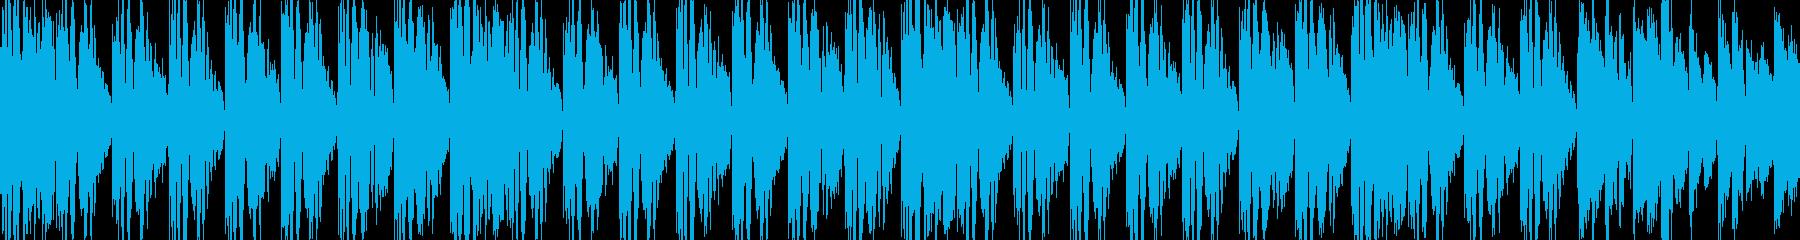 EDM ループの再生済みの波形